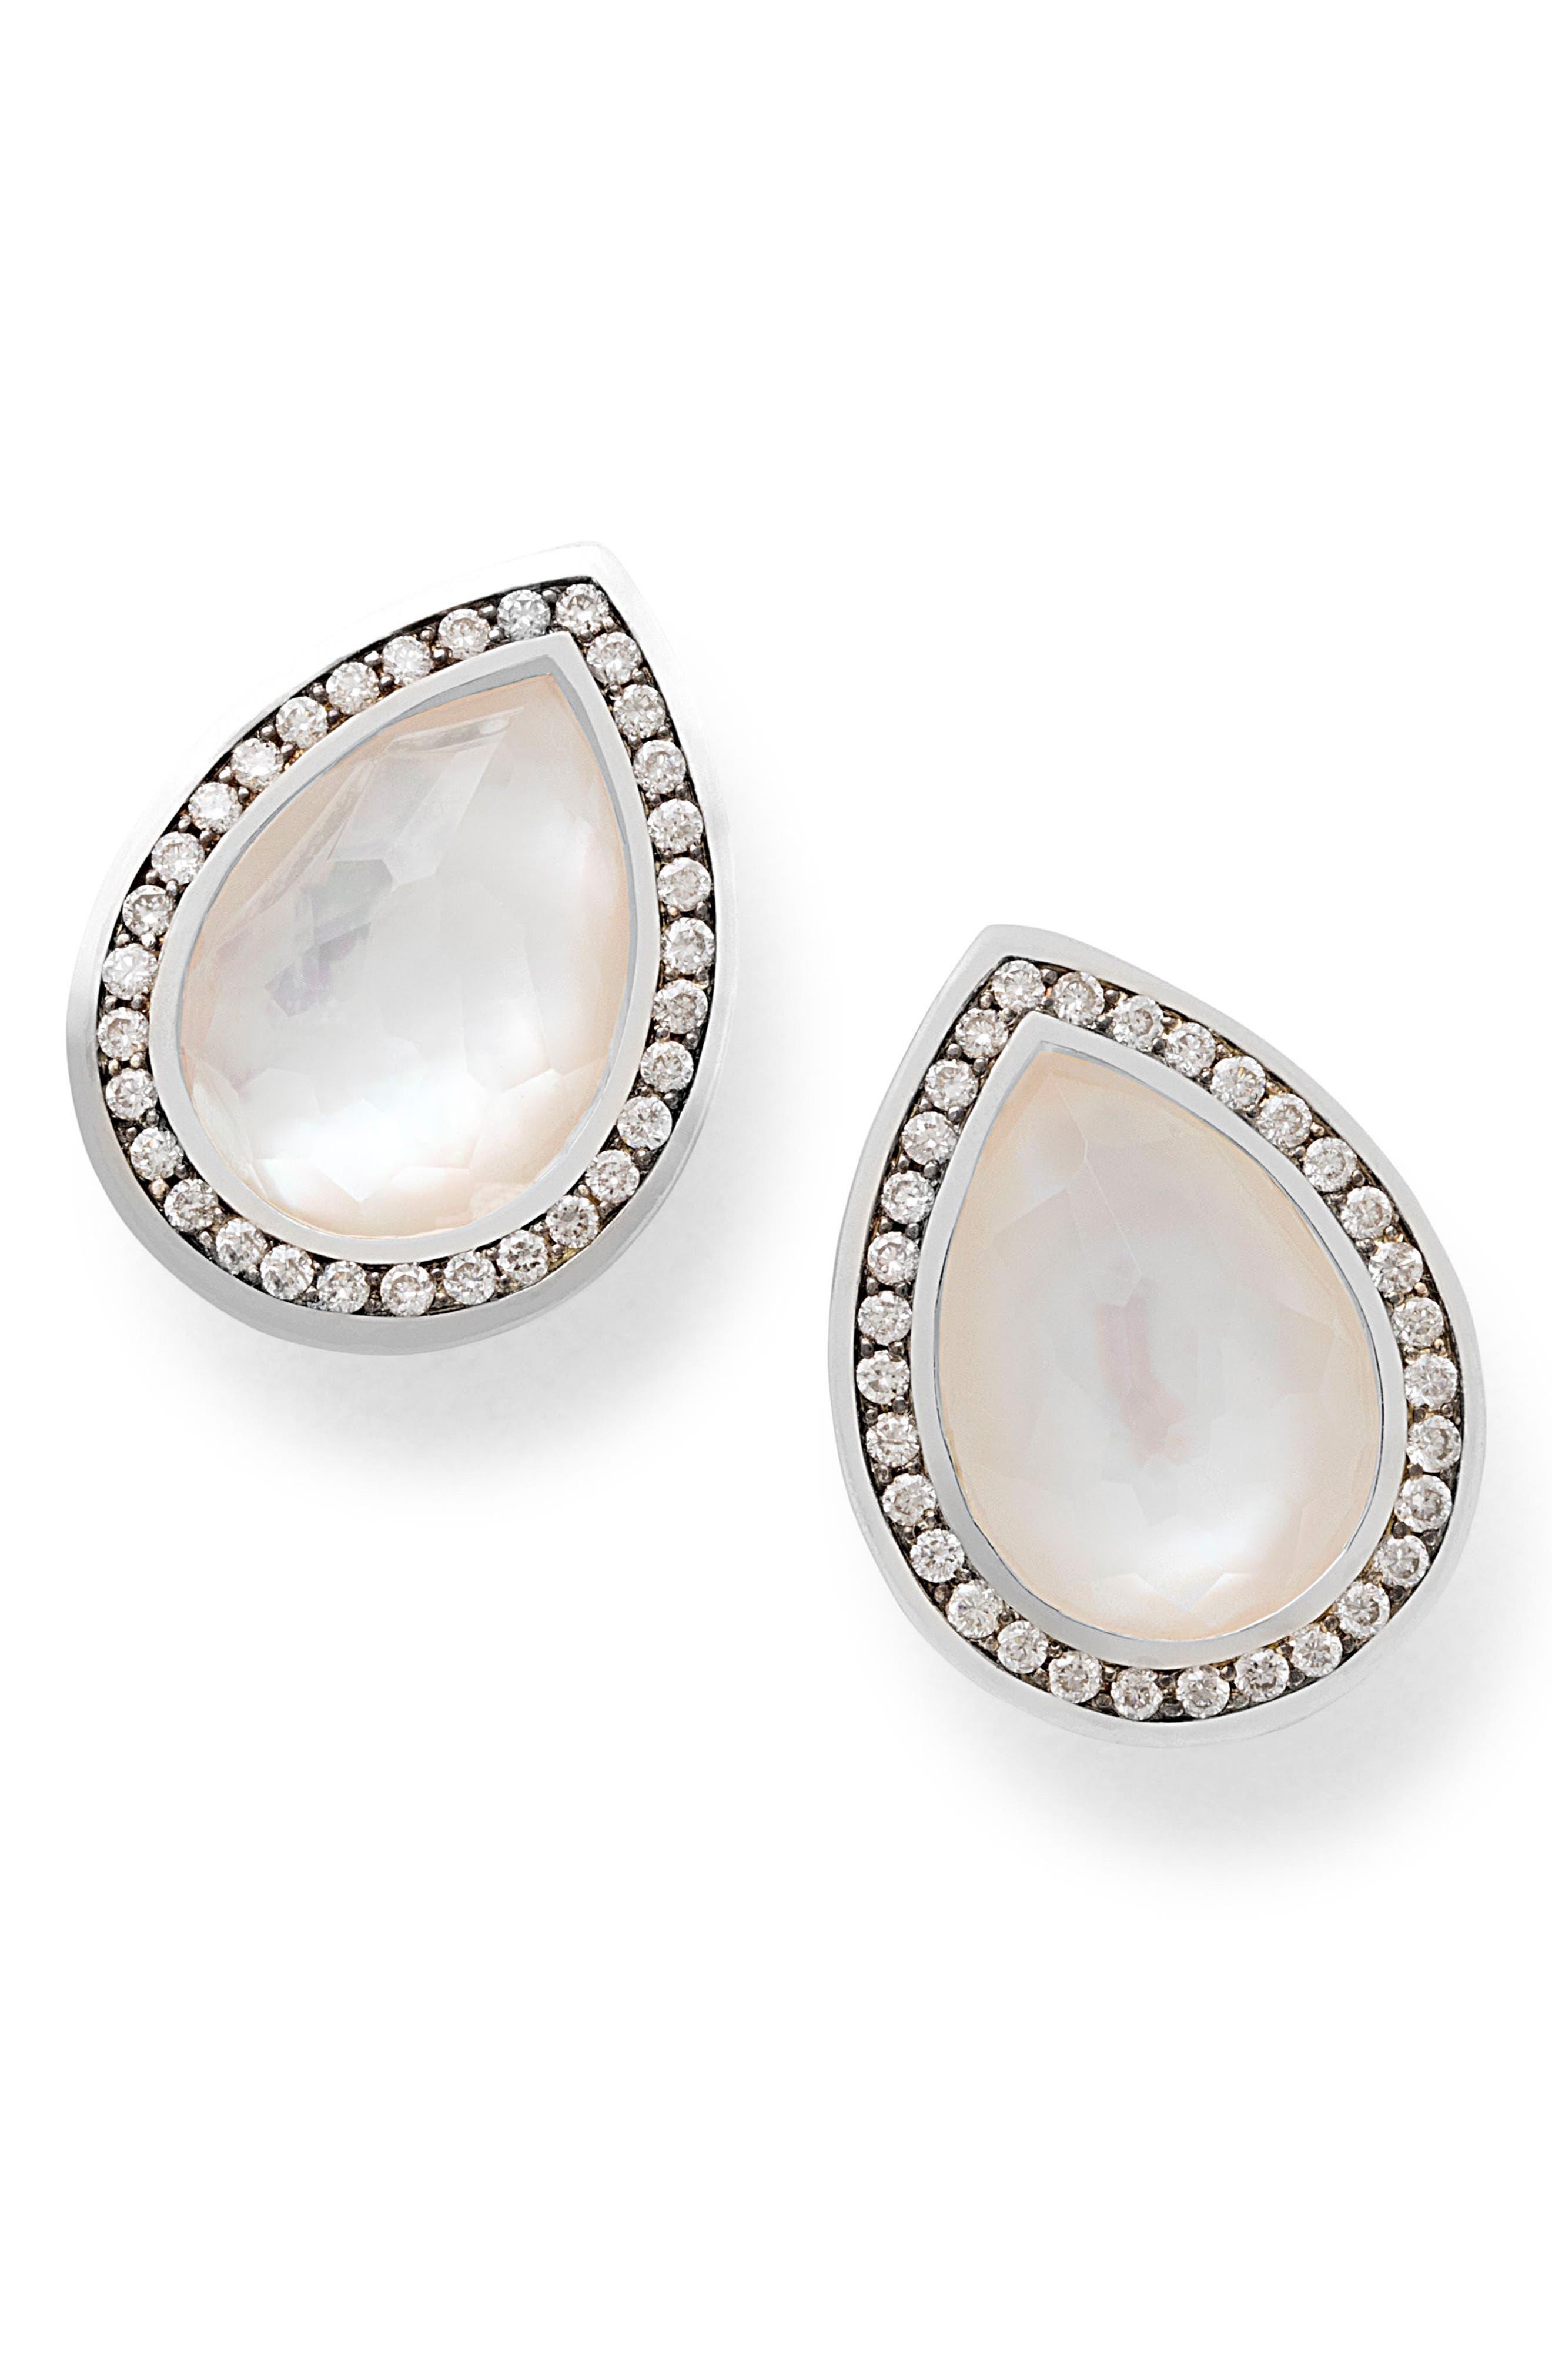 IPPOLITA Teardrop Stud Earrings